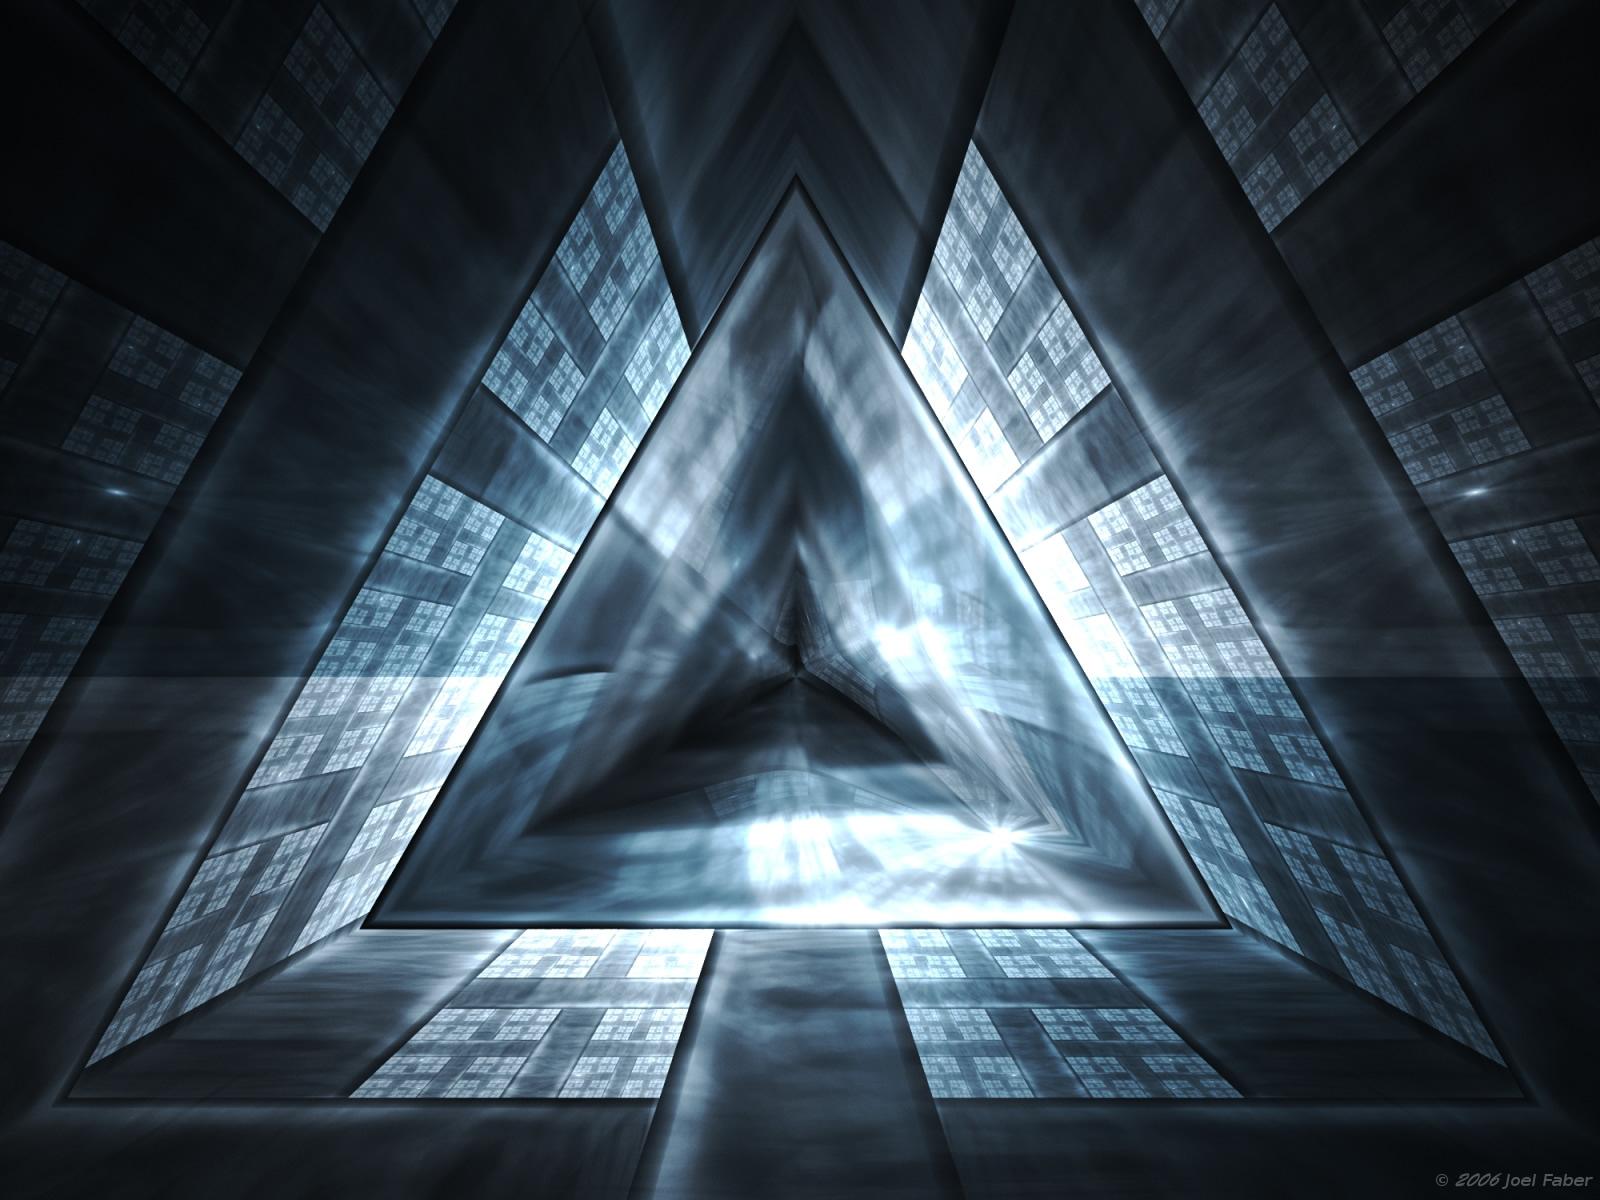 http://1.bp.blogspot.com/_qFAbXBHU2N8/TVGLK6PP-4I/AAAAAAAAAJk/NlQvpEPkxeU/s1600/energ%2525C3%2525ADa%2B3.jpg